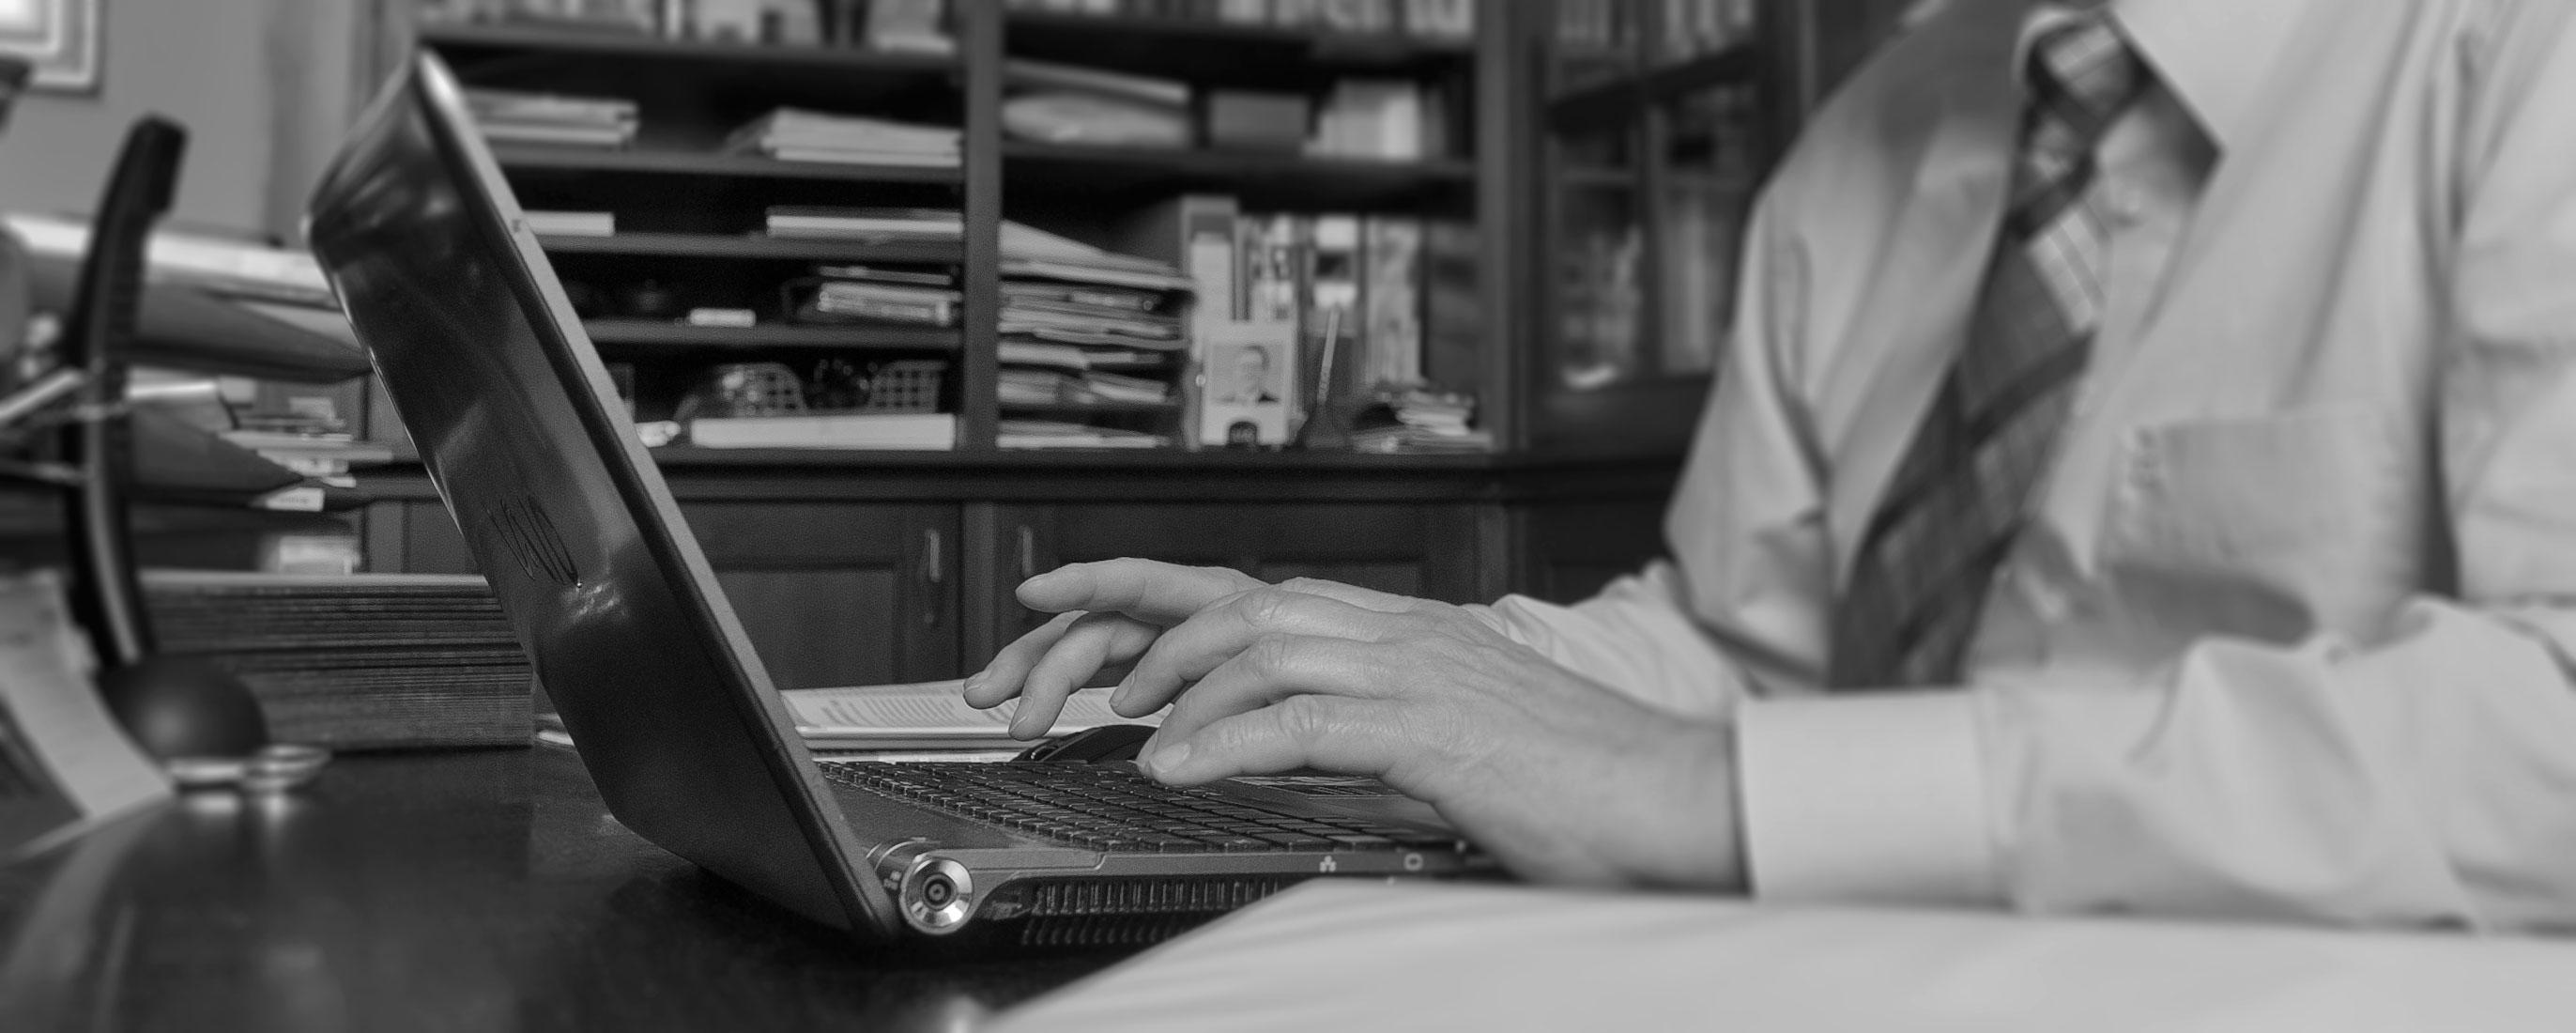 Service-Mitarbeiter tippt am Laptop